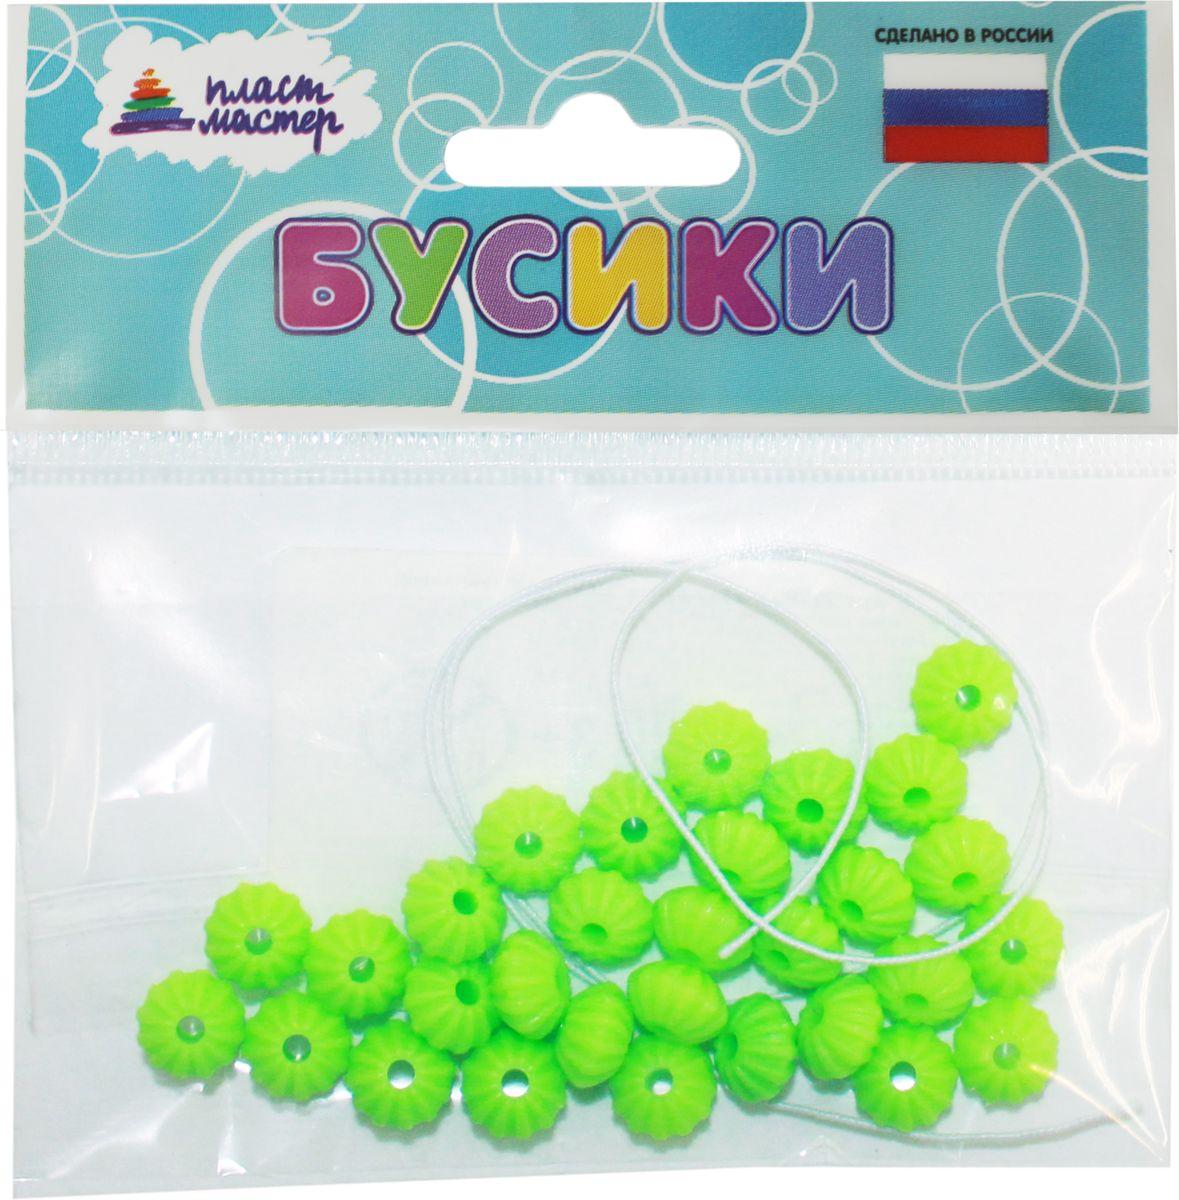 Пластмастер Набор бусин Цветочек цвет зеленый автомобиль пластмастер малютка зефирки цвет в ассортименте 31172